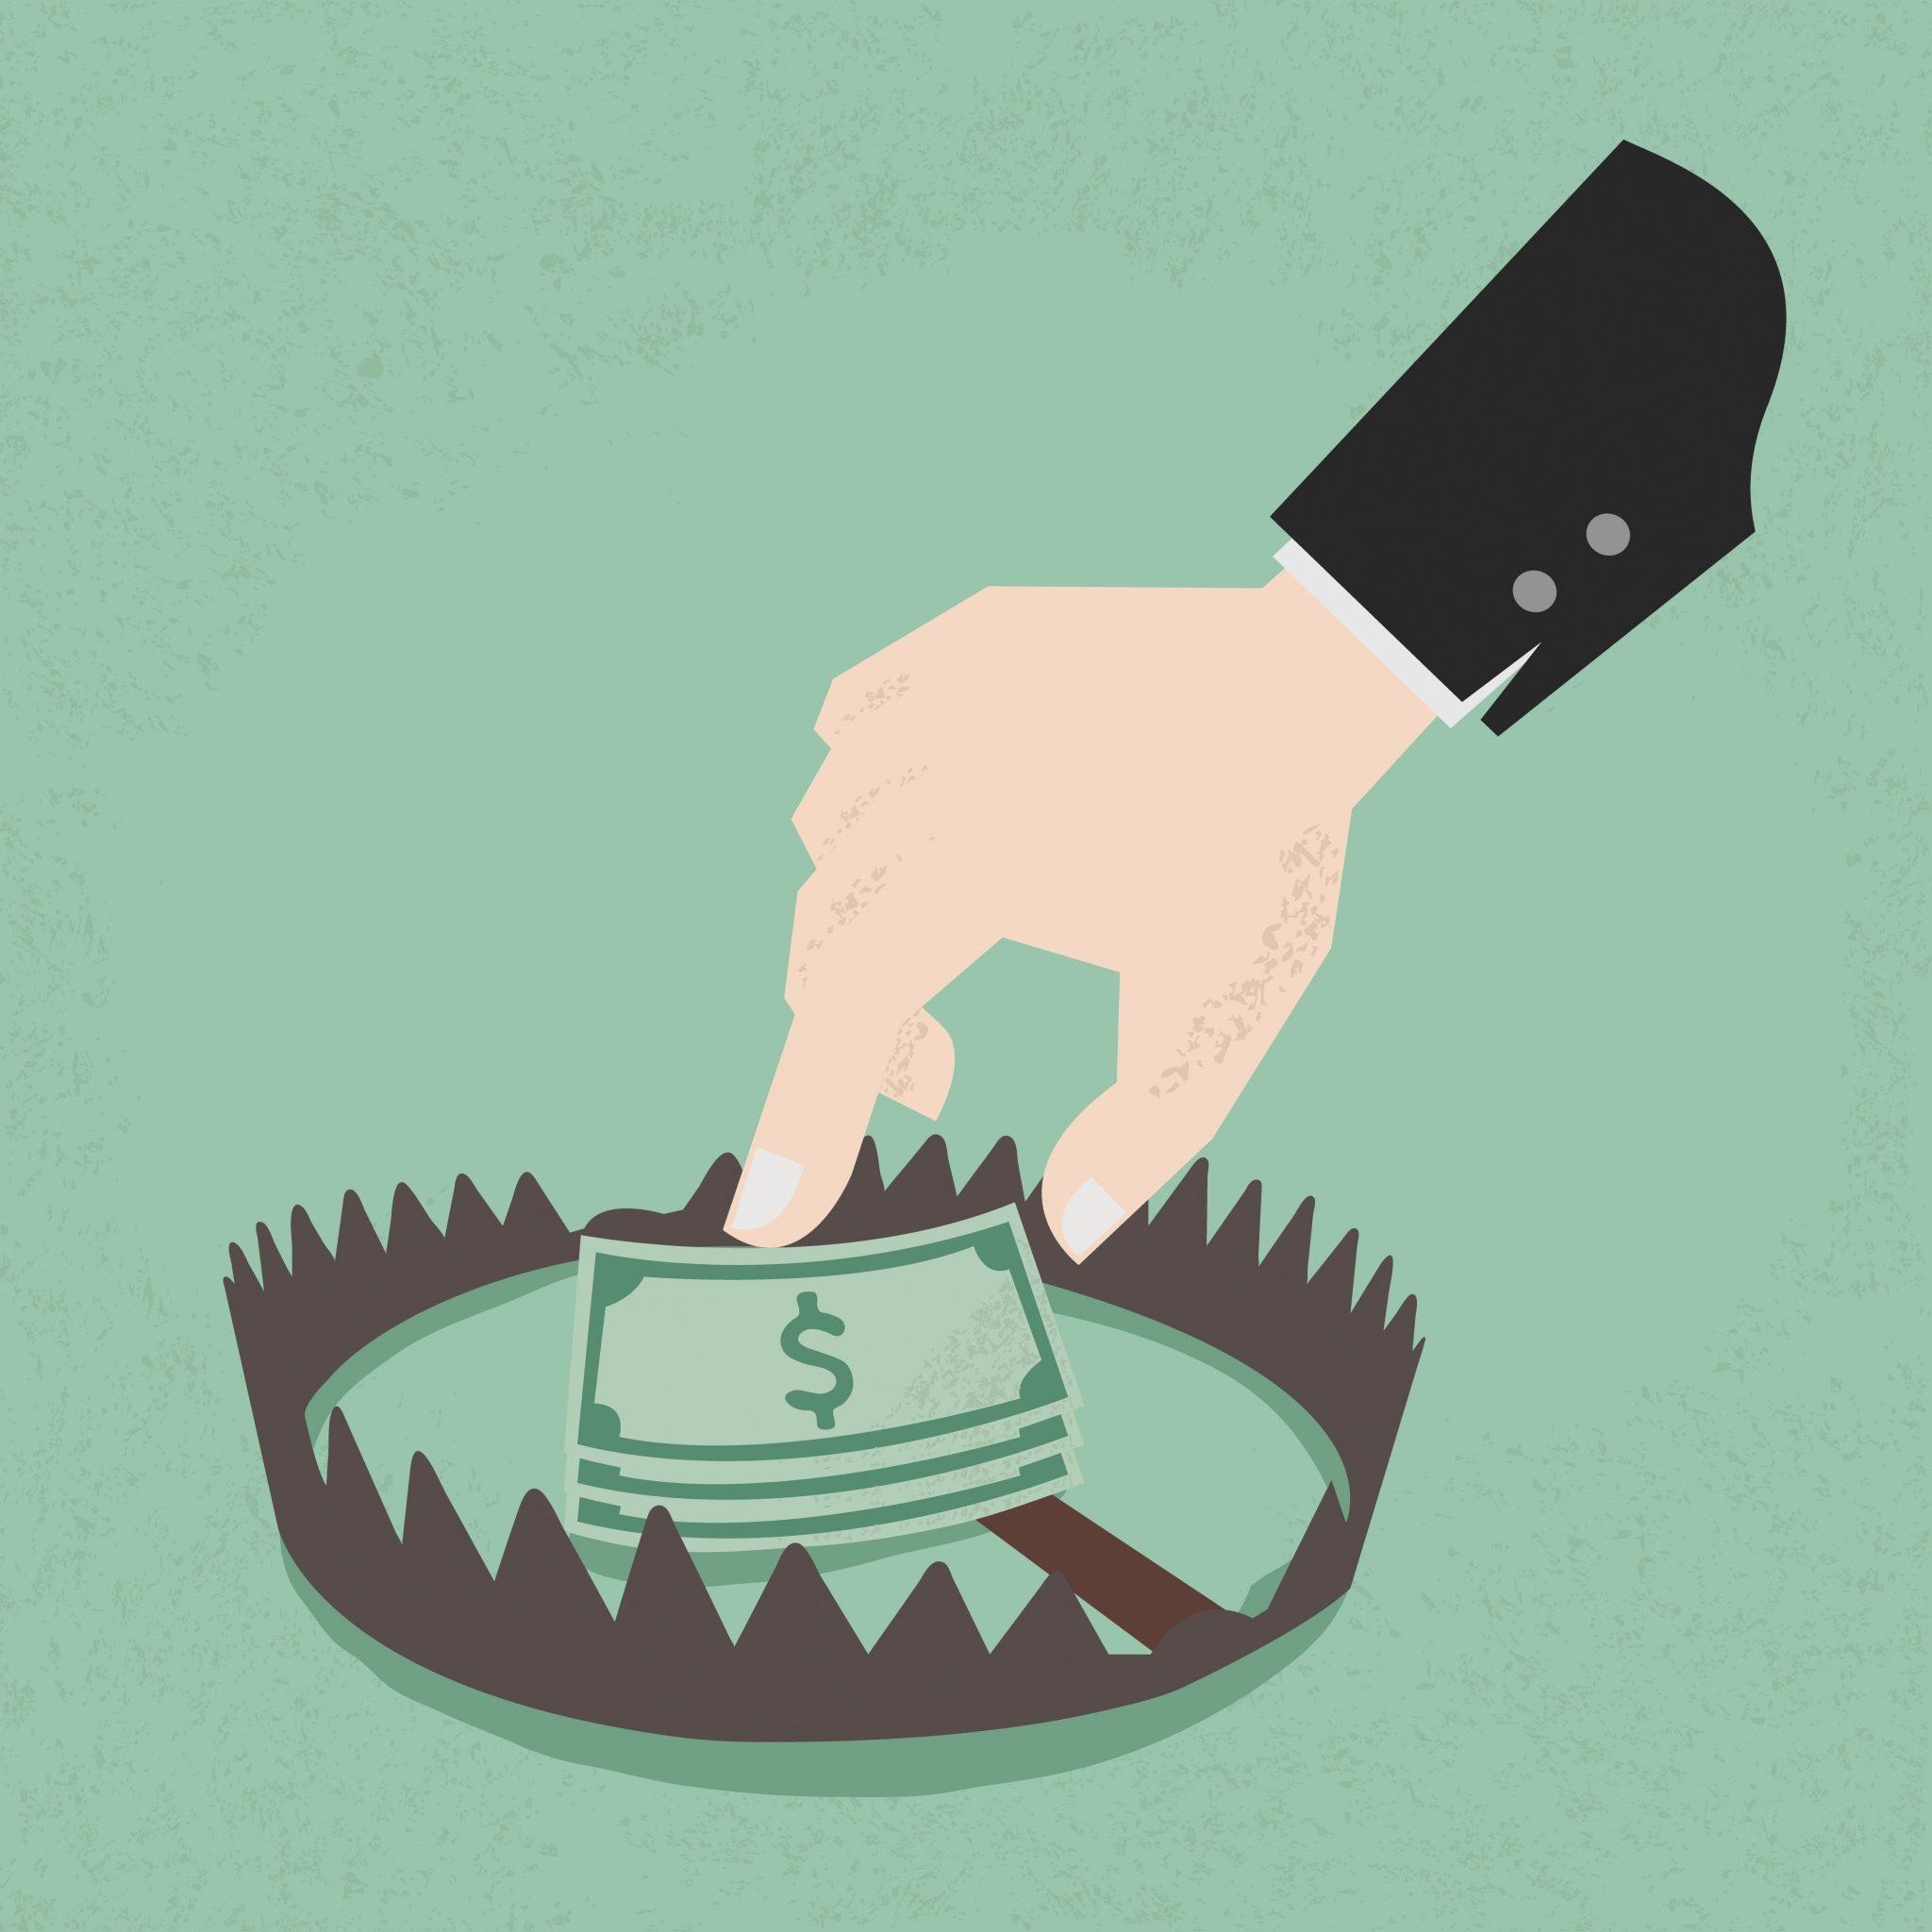 Selbstanzeige bei Steuerhinterziehung: Das müssen Sie wissen!